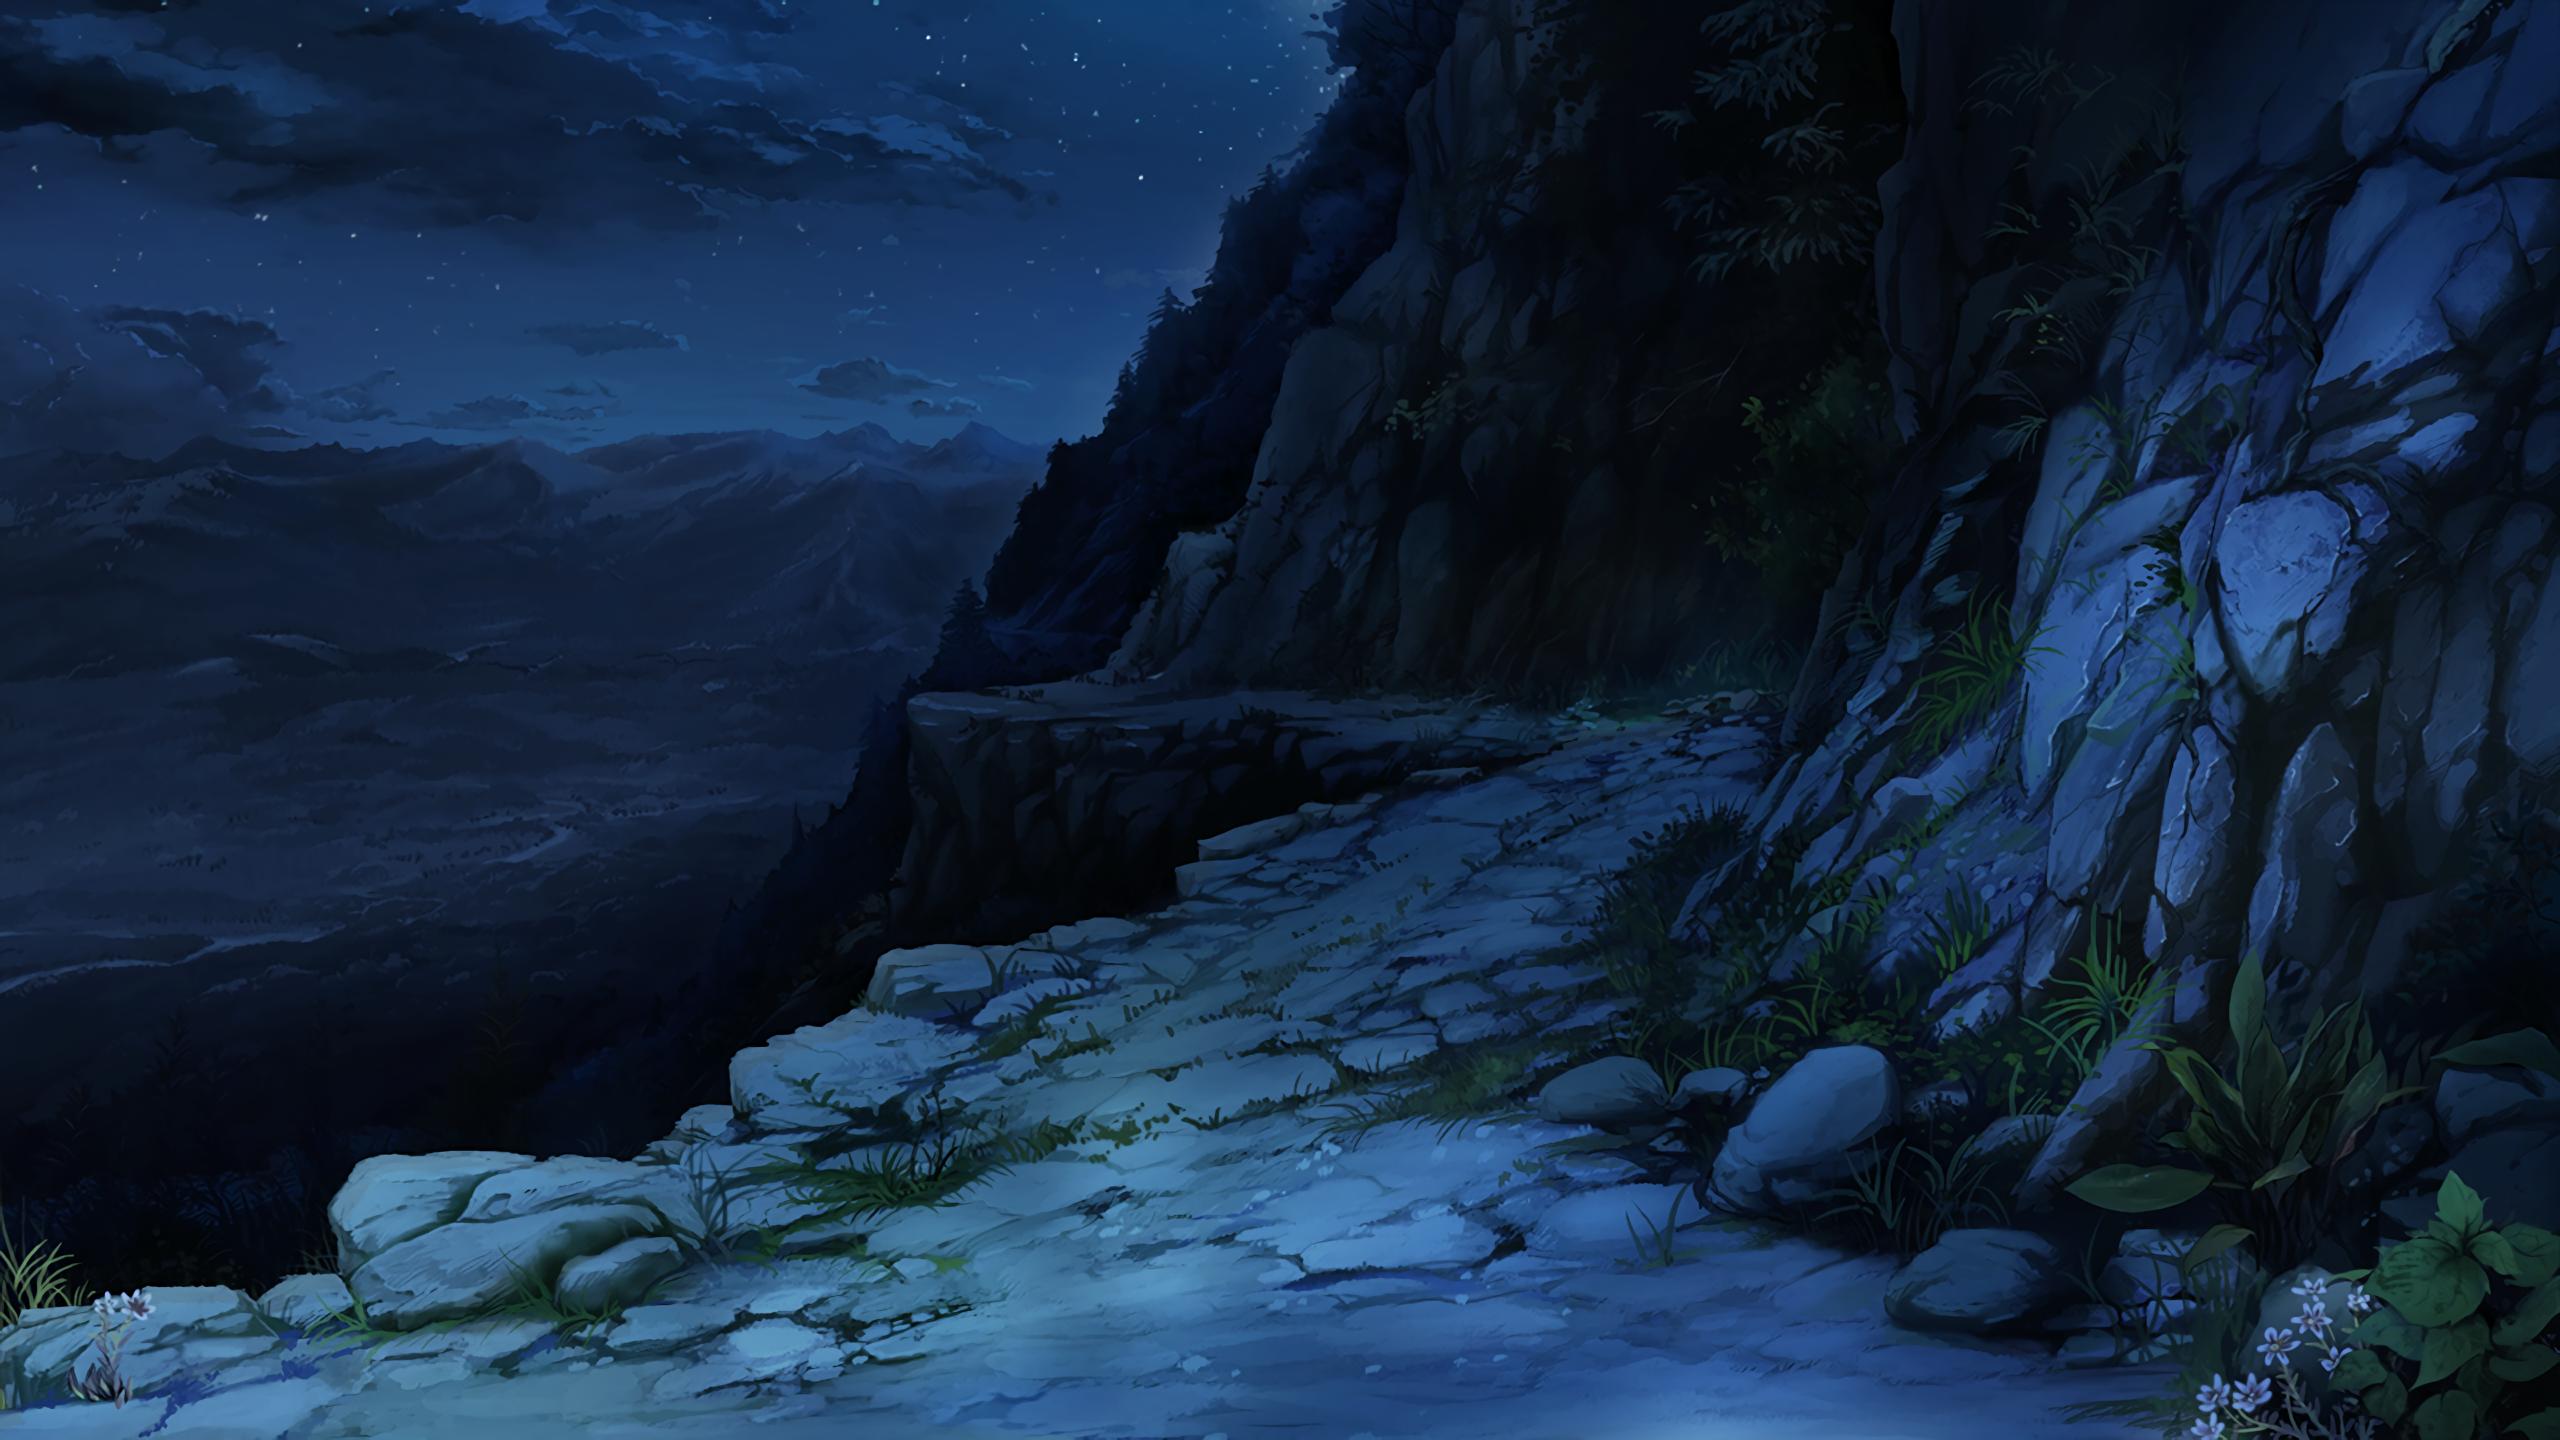 Anime Original 2560x1440